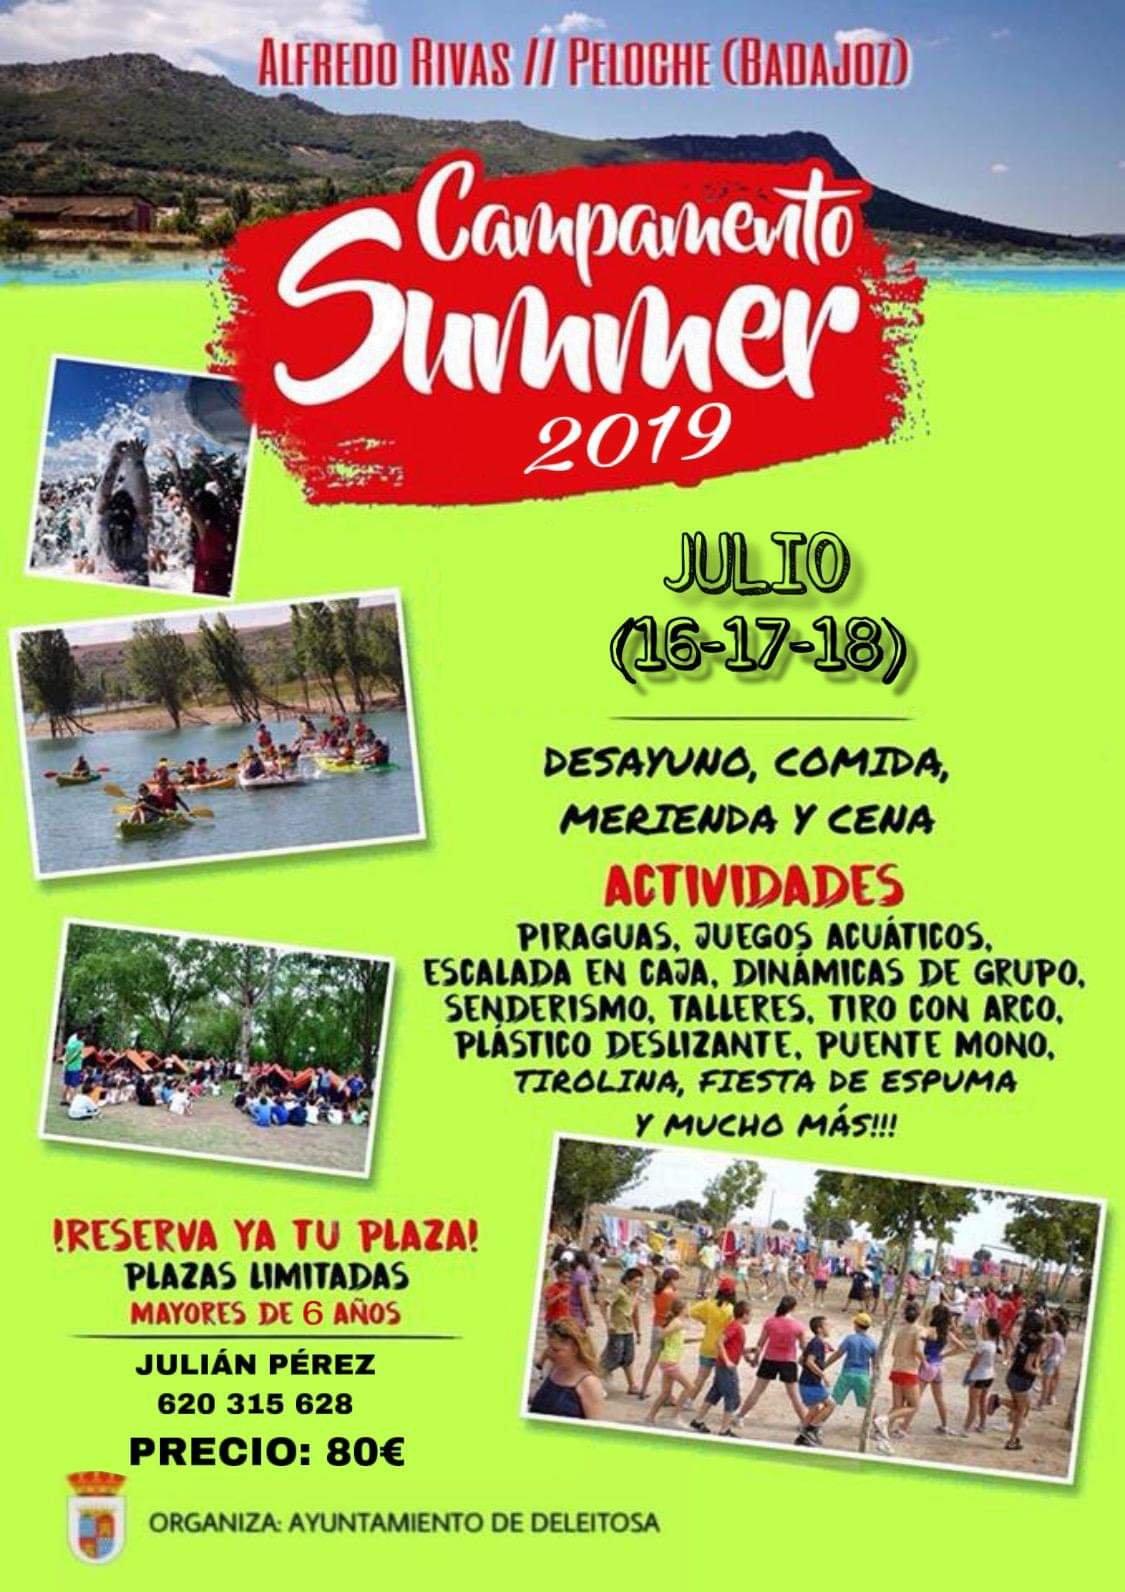 Campamento summer 2019 - Deleitosa (Cáceres)